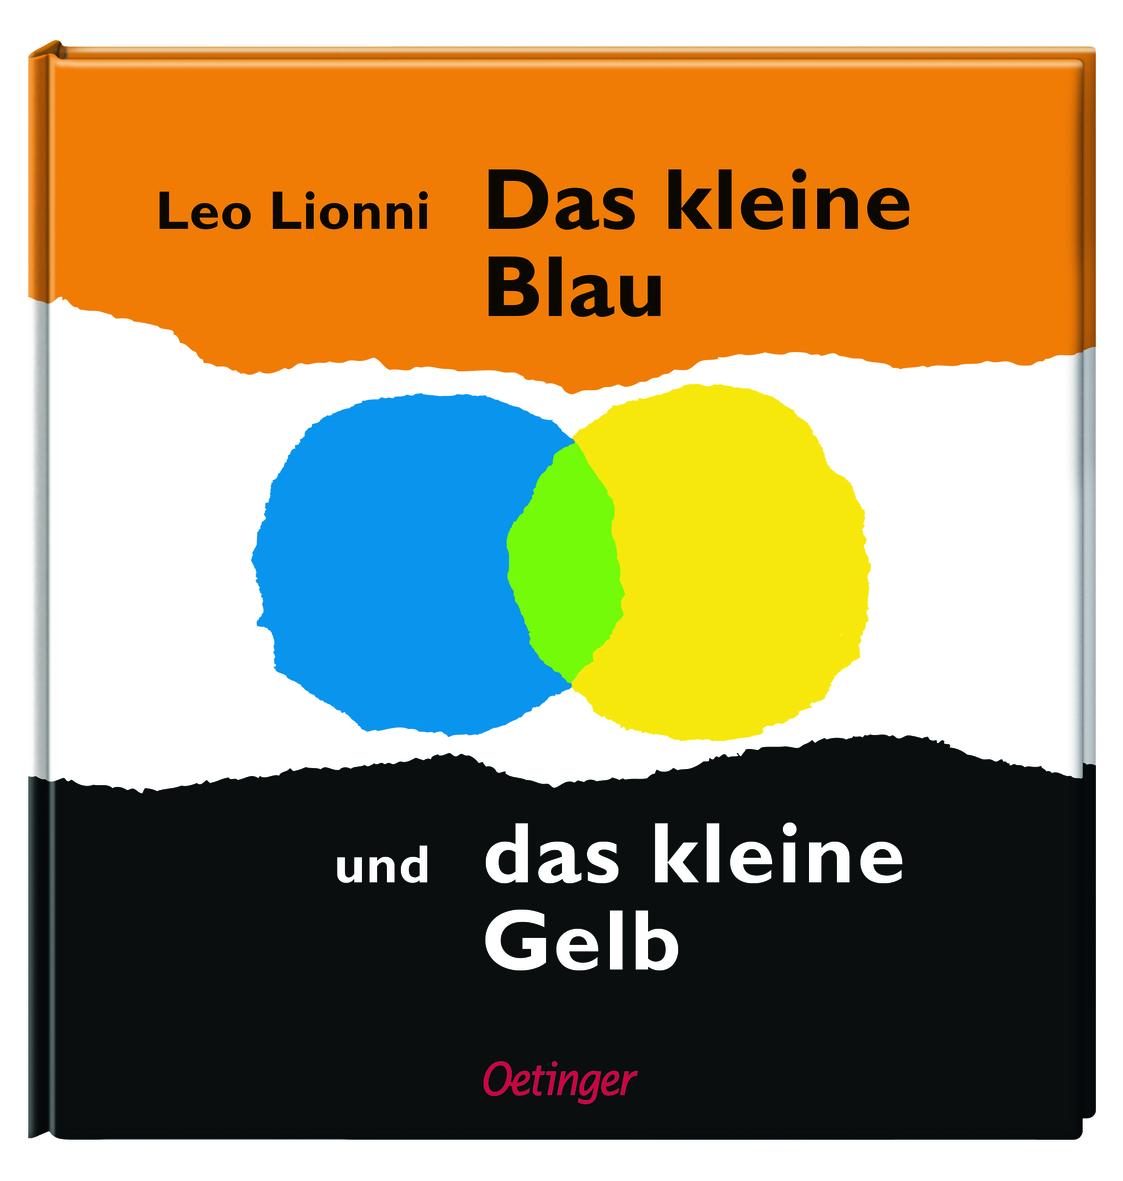 »DAS KLEINE BLAU UND DAS KLEINE GELB« - OETINGER